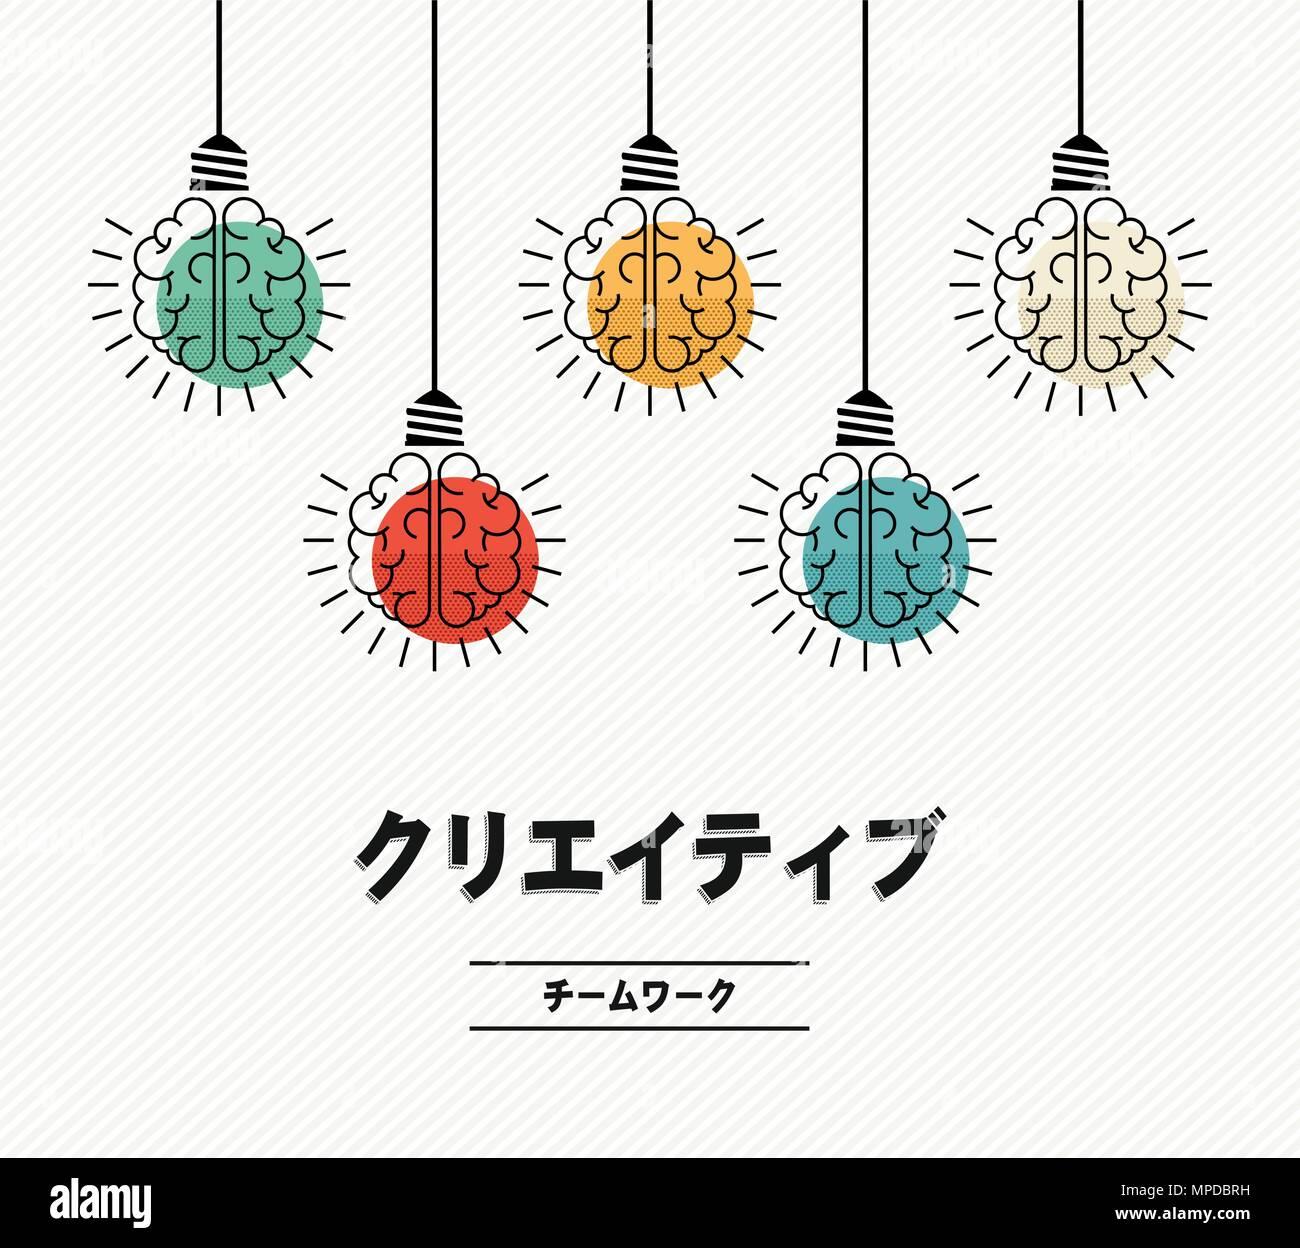 Kreative Teamarbeit Modernes Design In Japanischer Sprache Mit